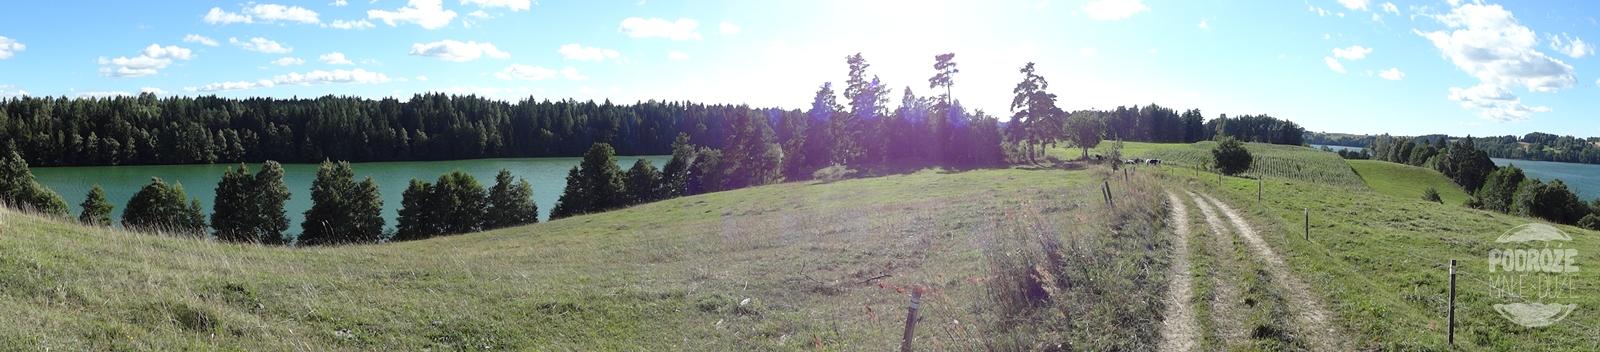 jeziora suwalszczyzna